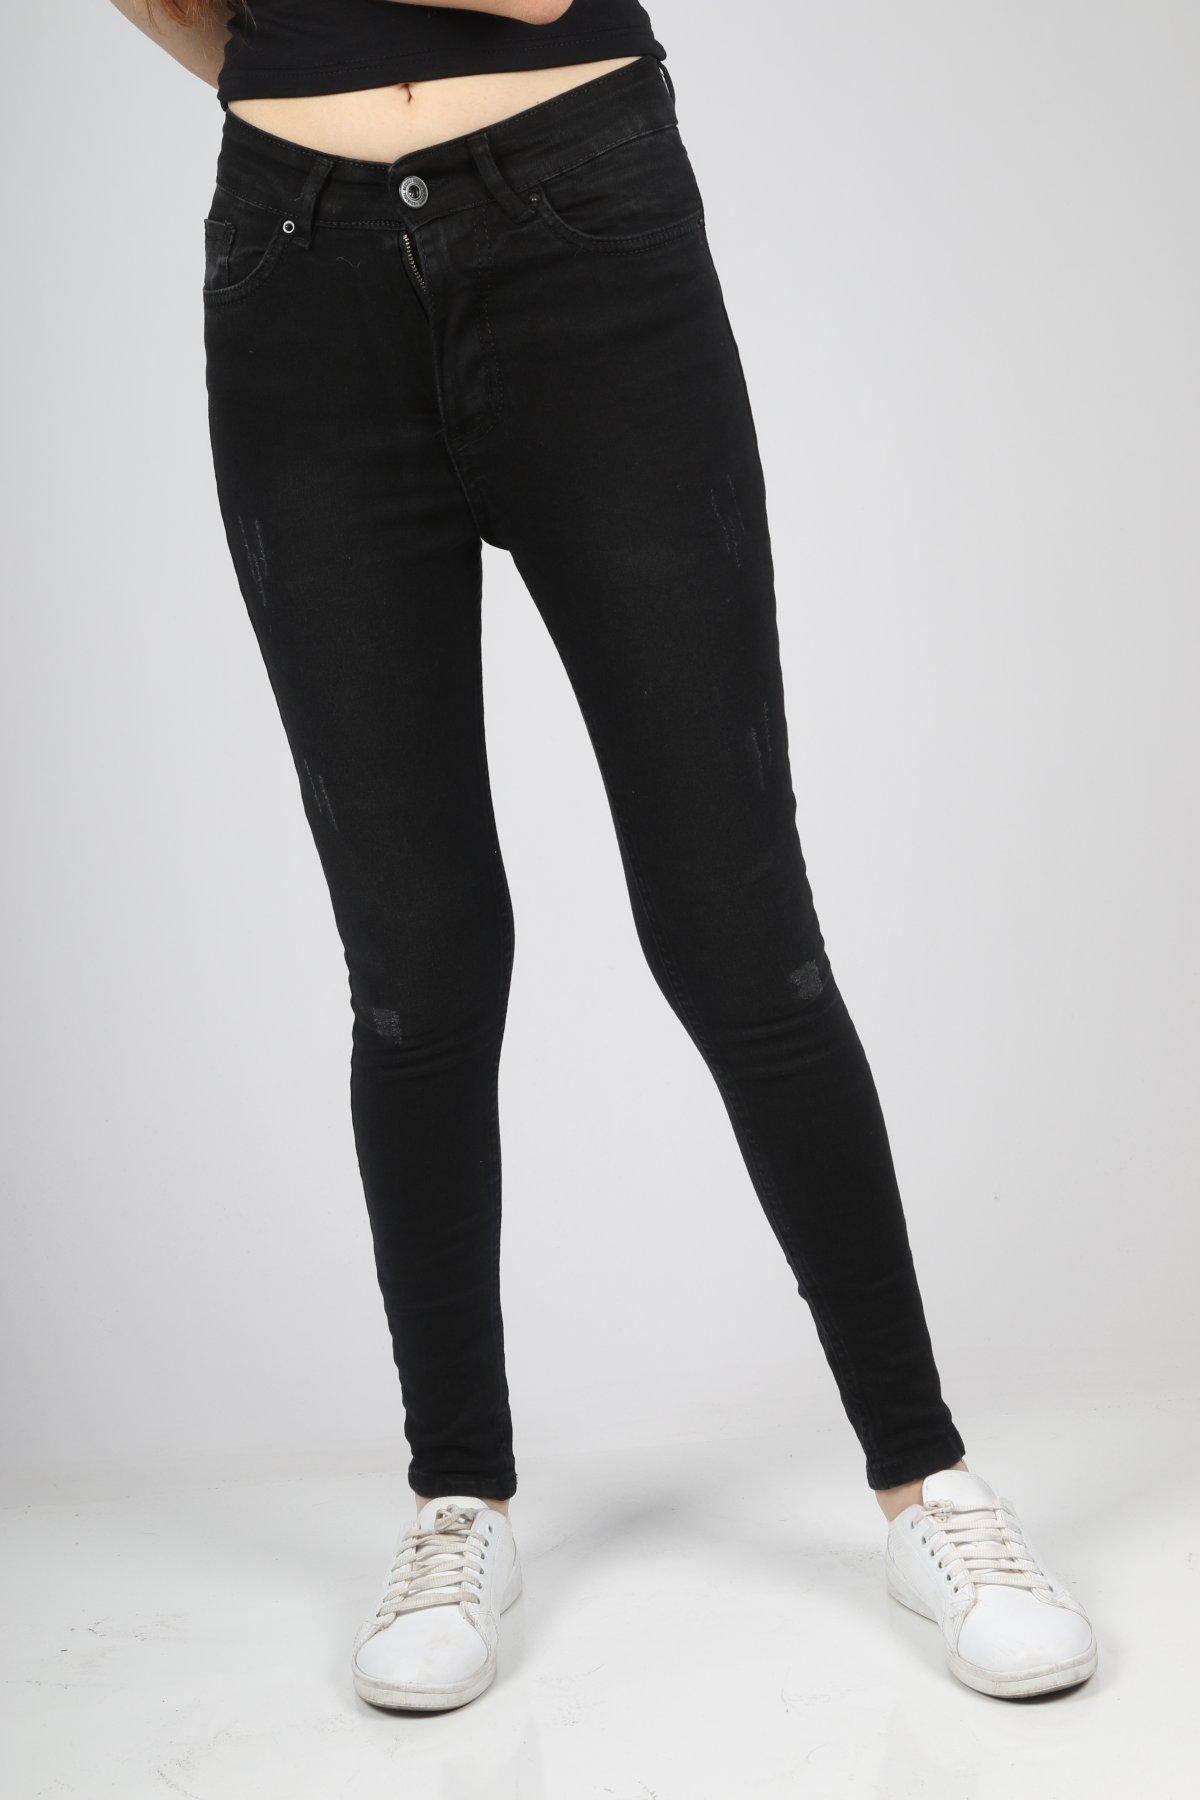 Tırnaklı Yüksekbel Pantolon